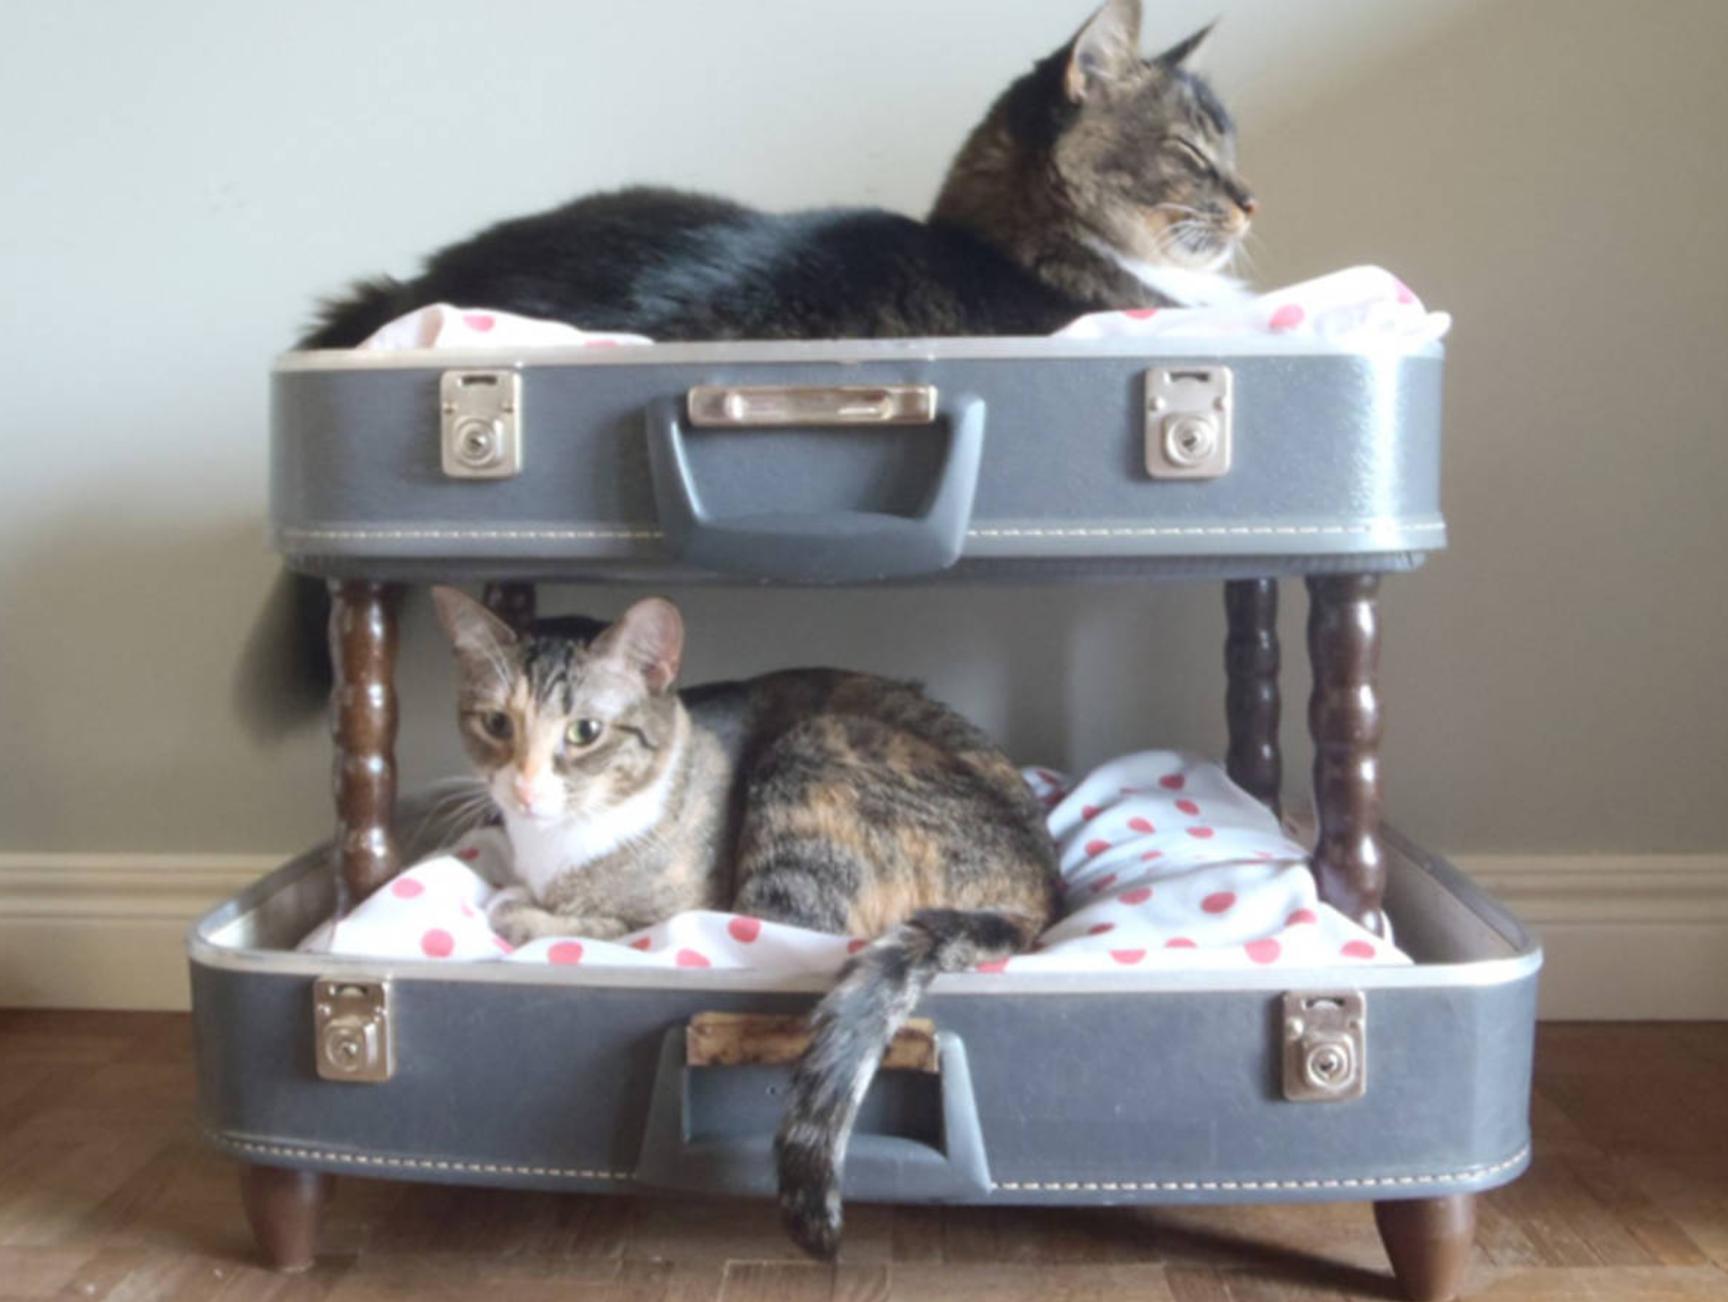 Panier Fleur Pour Chat : Panier pour chat id?es de cadeaux insolites